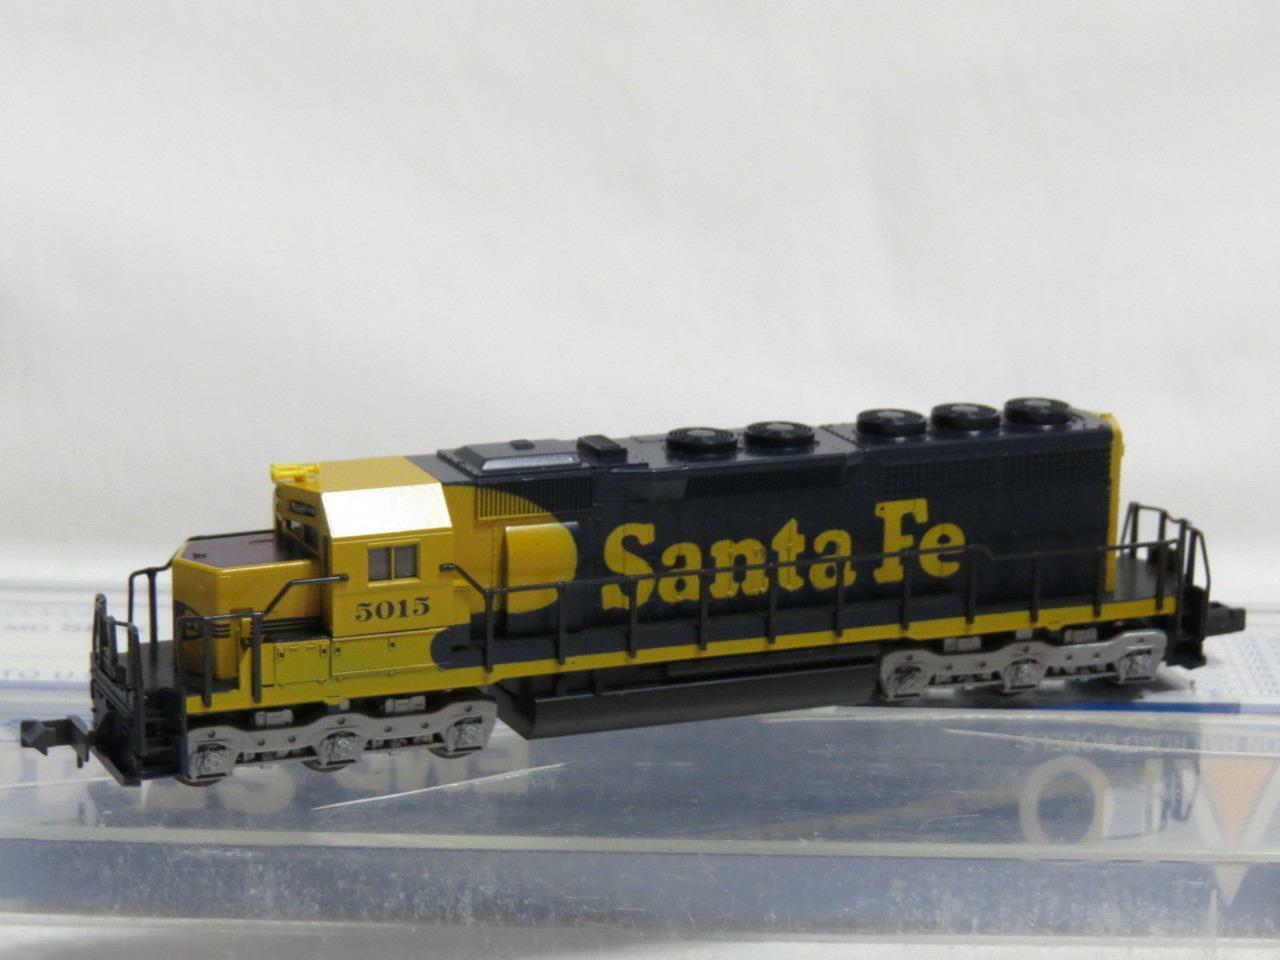 KATO N skala 176 -201 ATSF Santa Fe SD40 Diesel Loco VTG  NOS